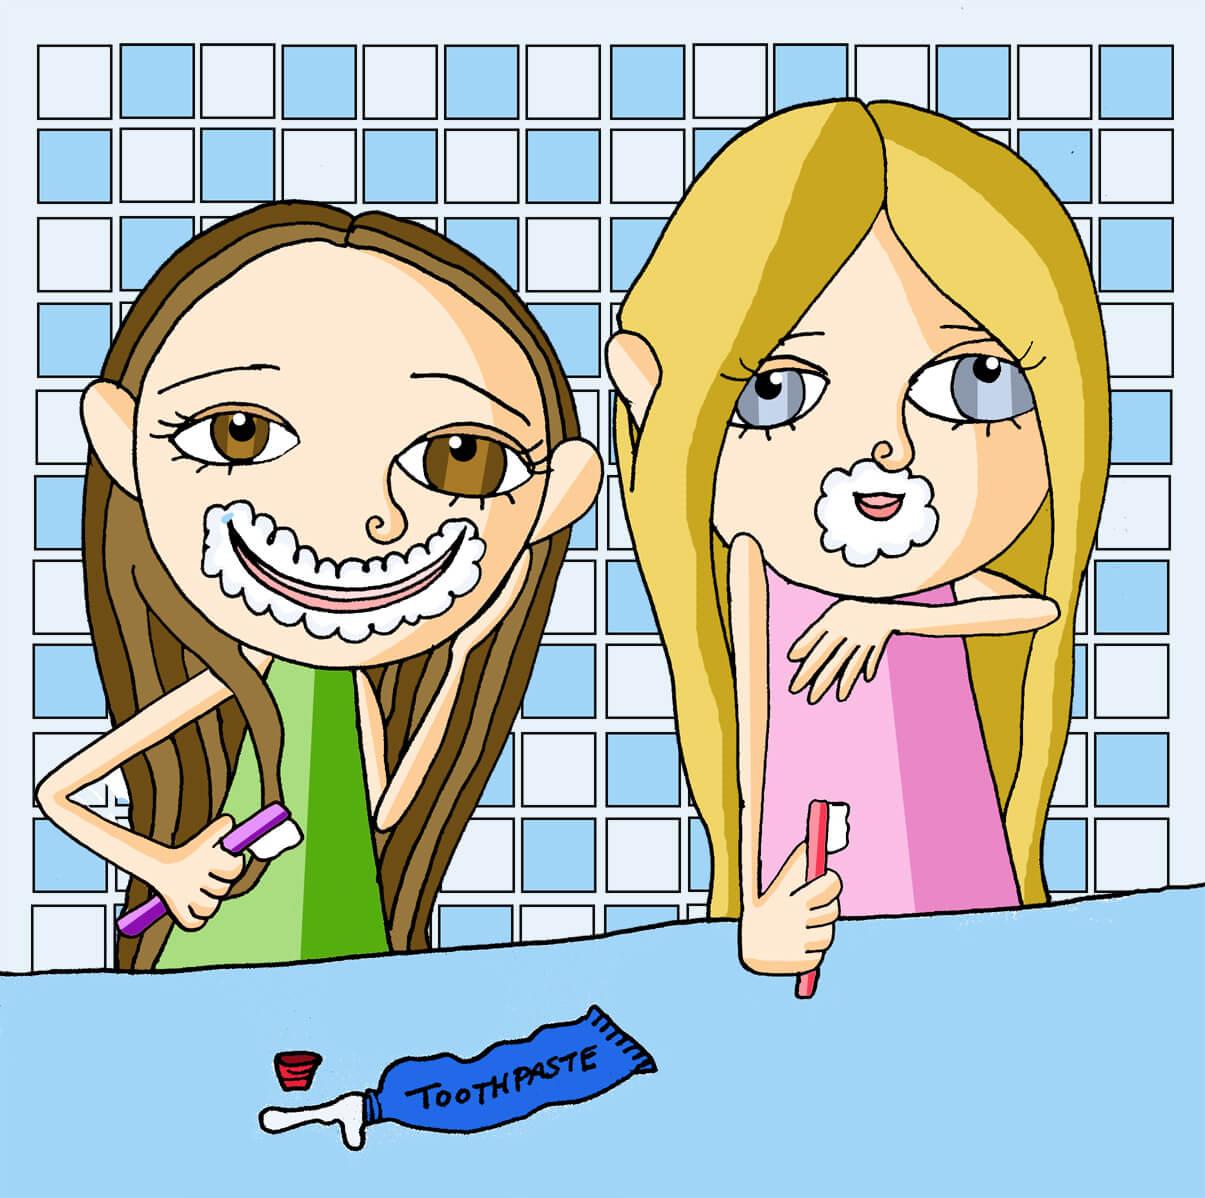 Brushing Teeth 2